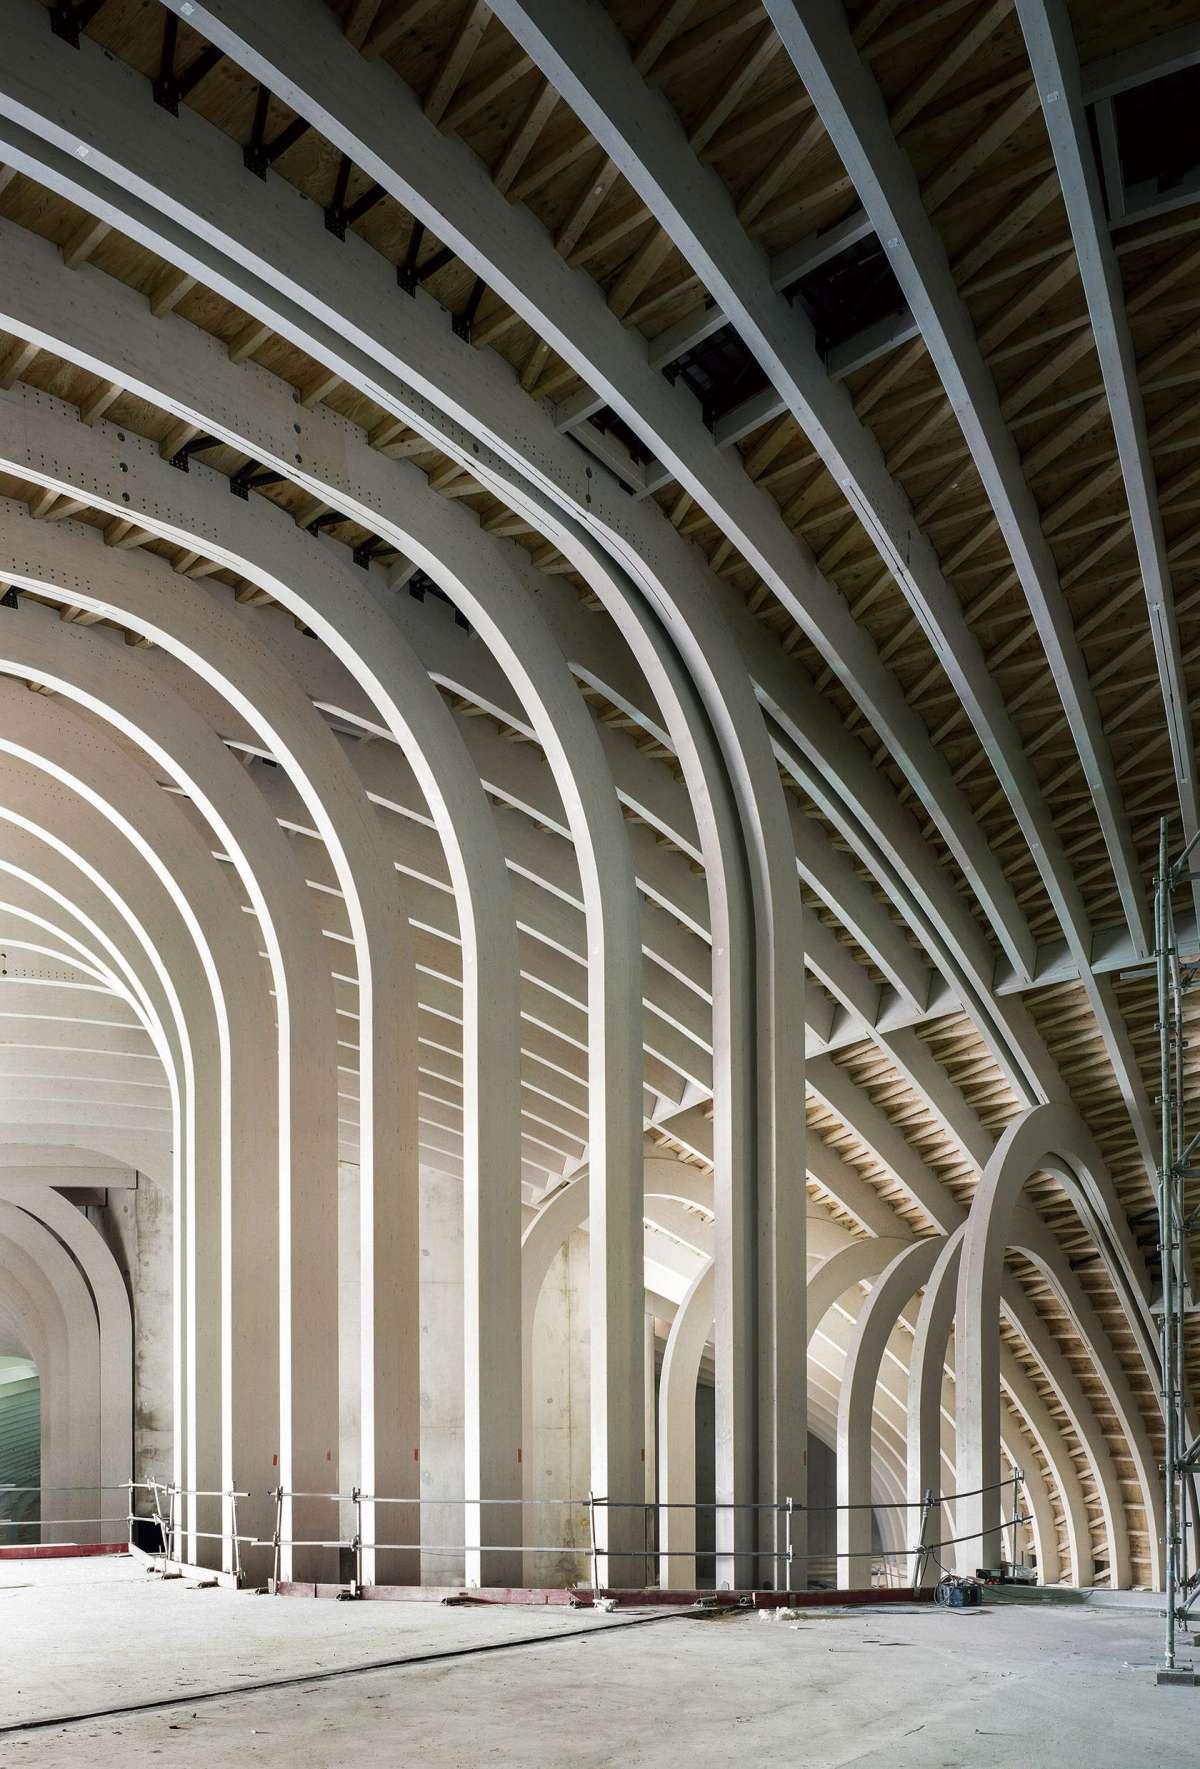 Chantier Cite des Civilisations du vin, Bordeaux. XTU architects. ©Patrick Tourneboeuf/Tendance Floue